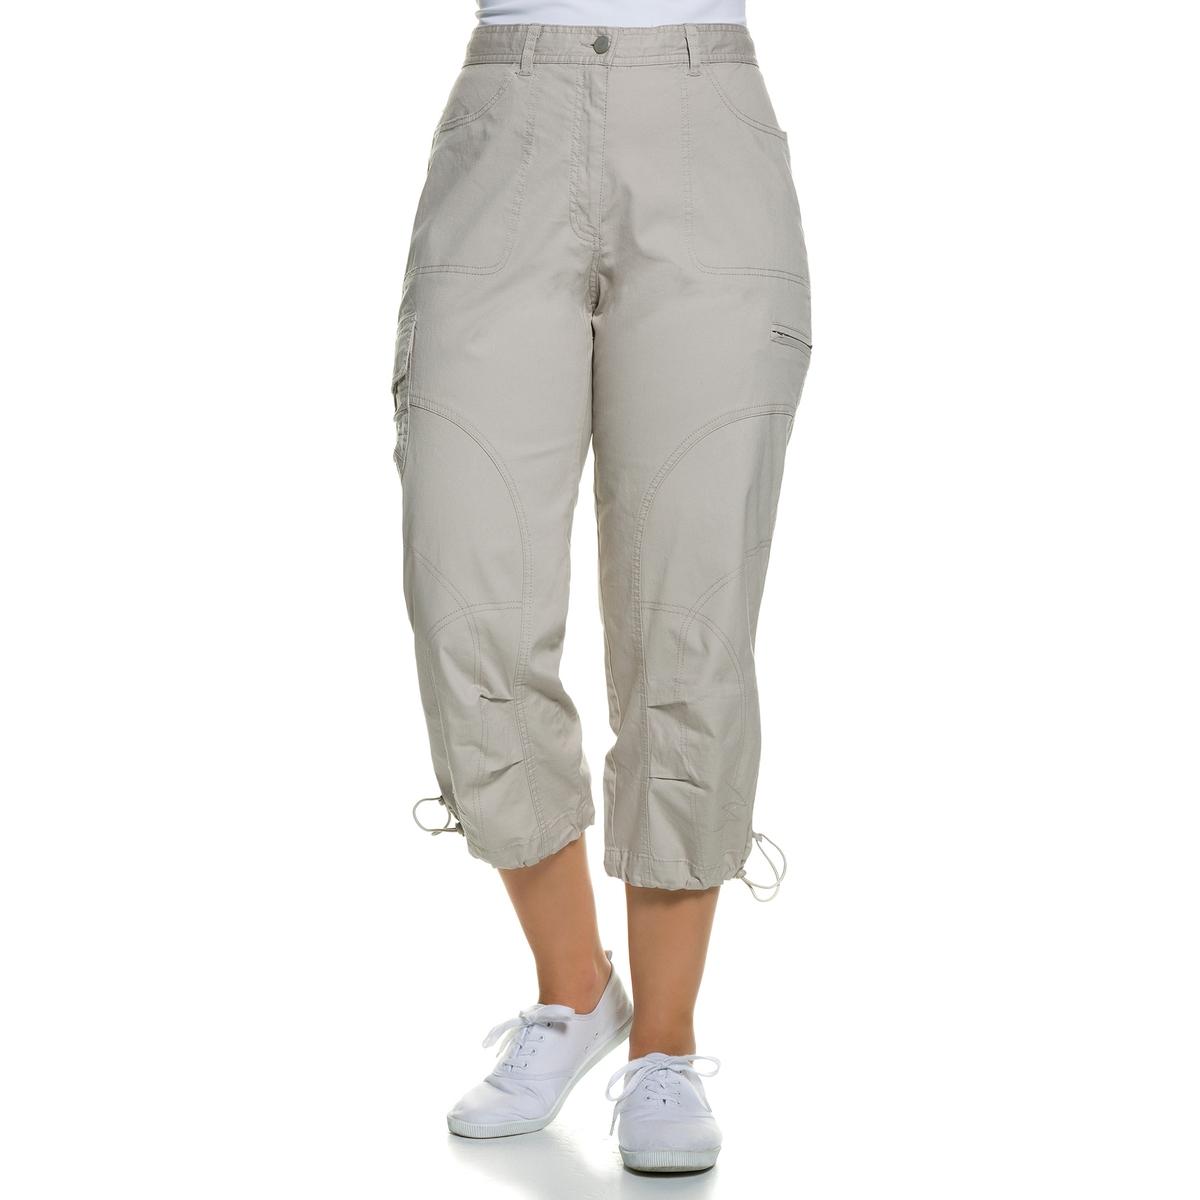 Брюки 7/8Брюки 7/8 ULLA POPKEN с большим количеством карманов. Отличные брюки для спортивного и свободного наряда. Пояс со шлевками, частично эластичный, края брючин с эластичными завязками . 97% хлопка, 3% эластана. Длина по внутр.шву ок.. 58 см<br><br>Цвет: бежевый<br>Размер: 54 (FR) - 60 (RUS)